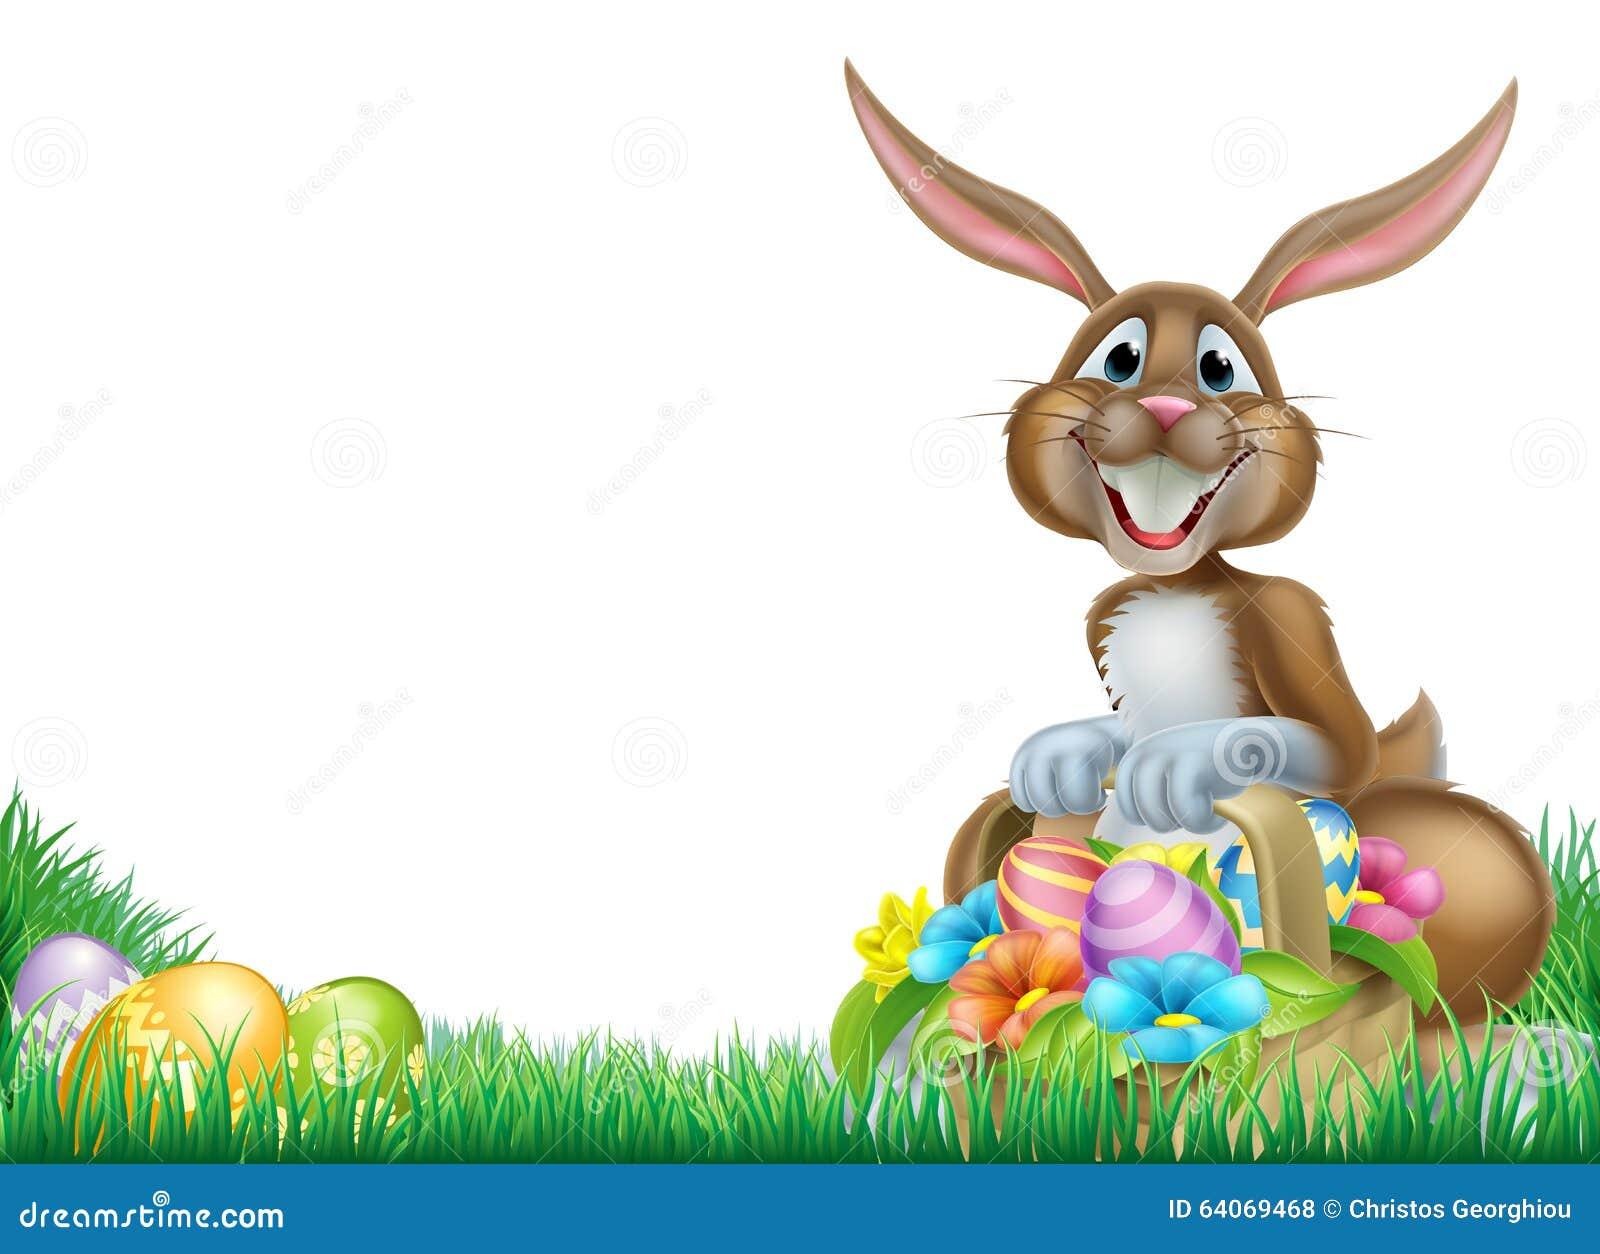 Cartoon Easter Egg Hunt Rabbit Stock Vector - Illustration: 64069468 for Easter Egg Hunt Clipart  110ylc